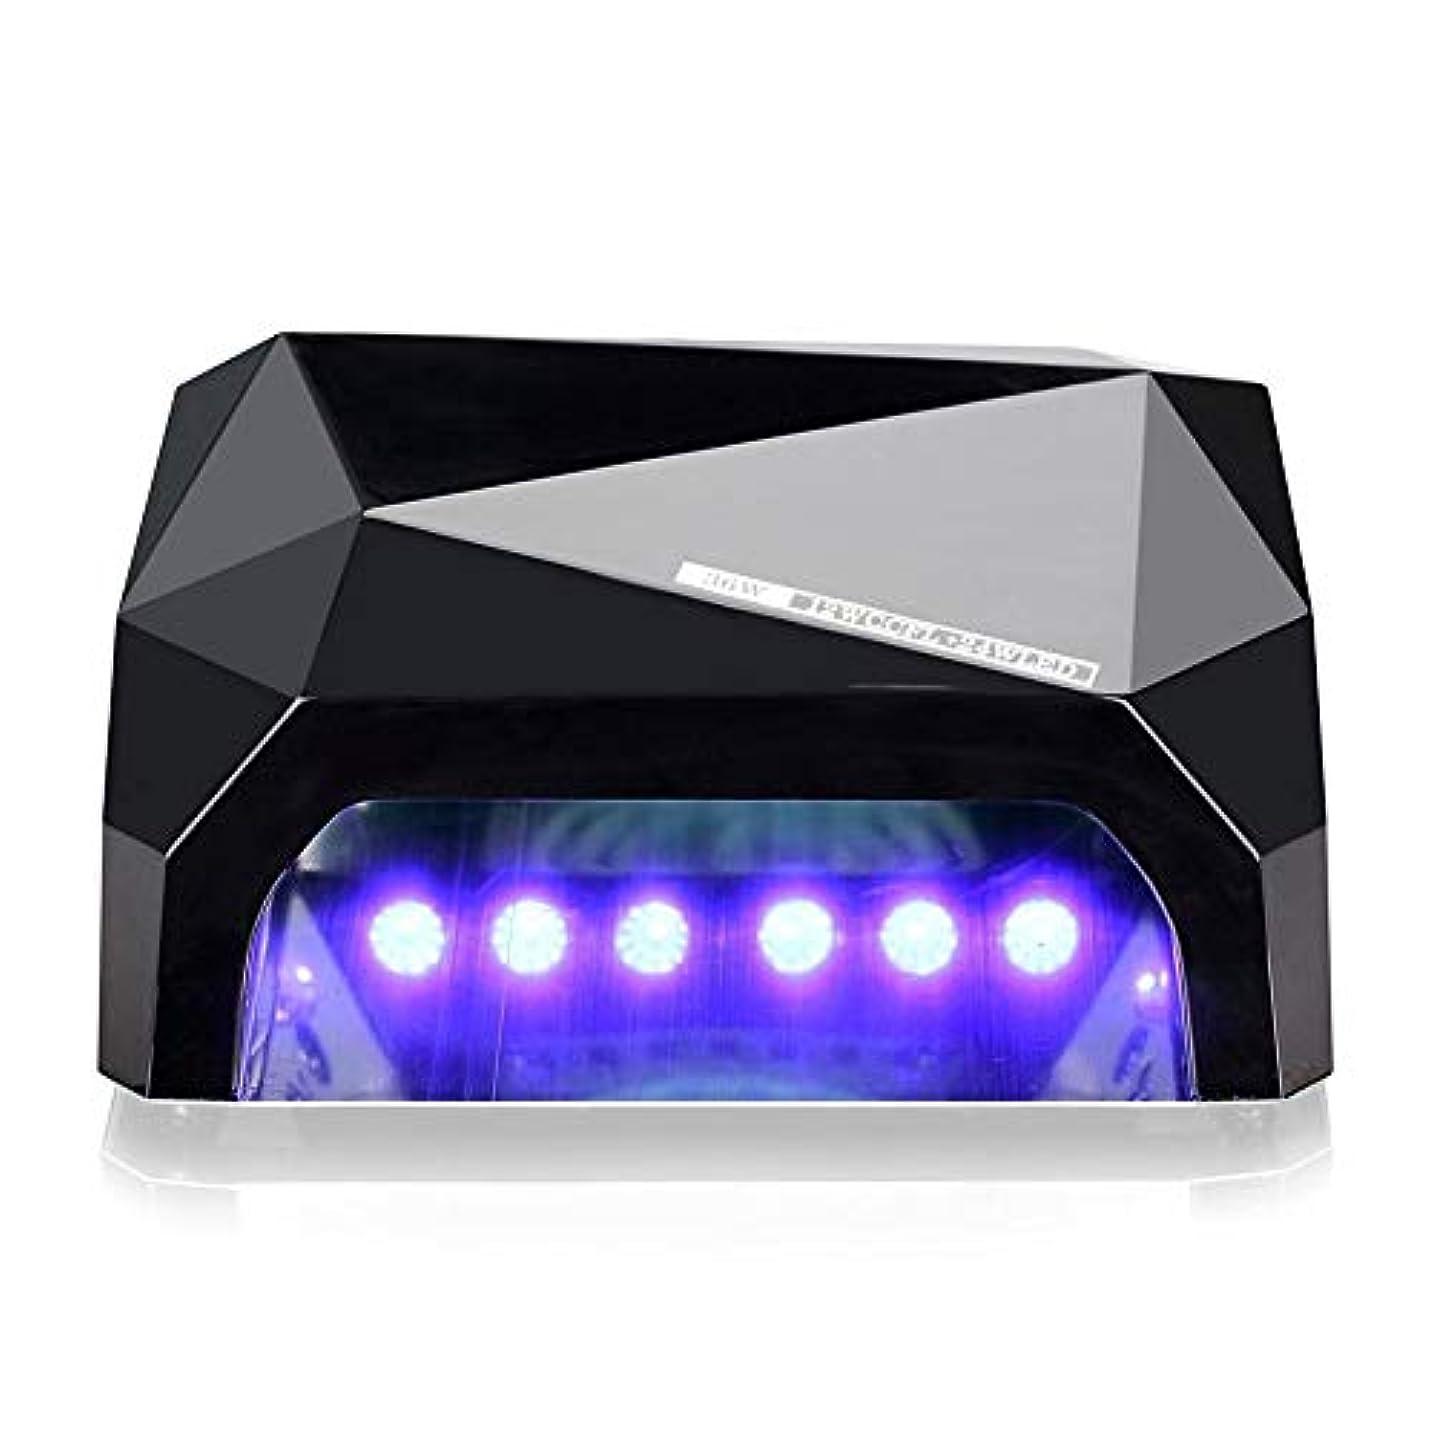 取り消すクラック全滅させる36W LED UVネイルランプネイルライトドライヤー用硬化ジェルネイルポリッシュ用ネイルアートマニキュアツール3タイムプレセット(10秒30秒60秒)6色